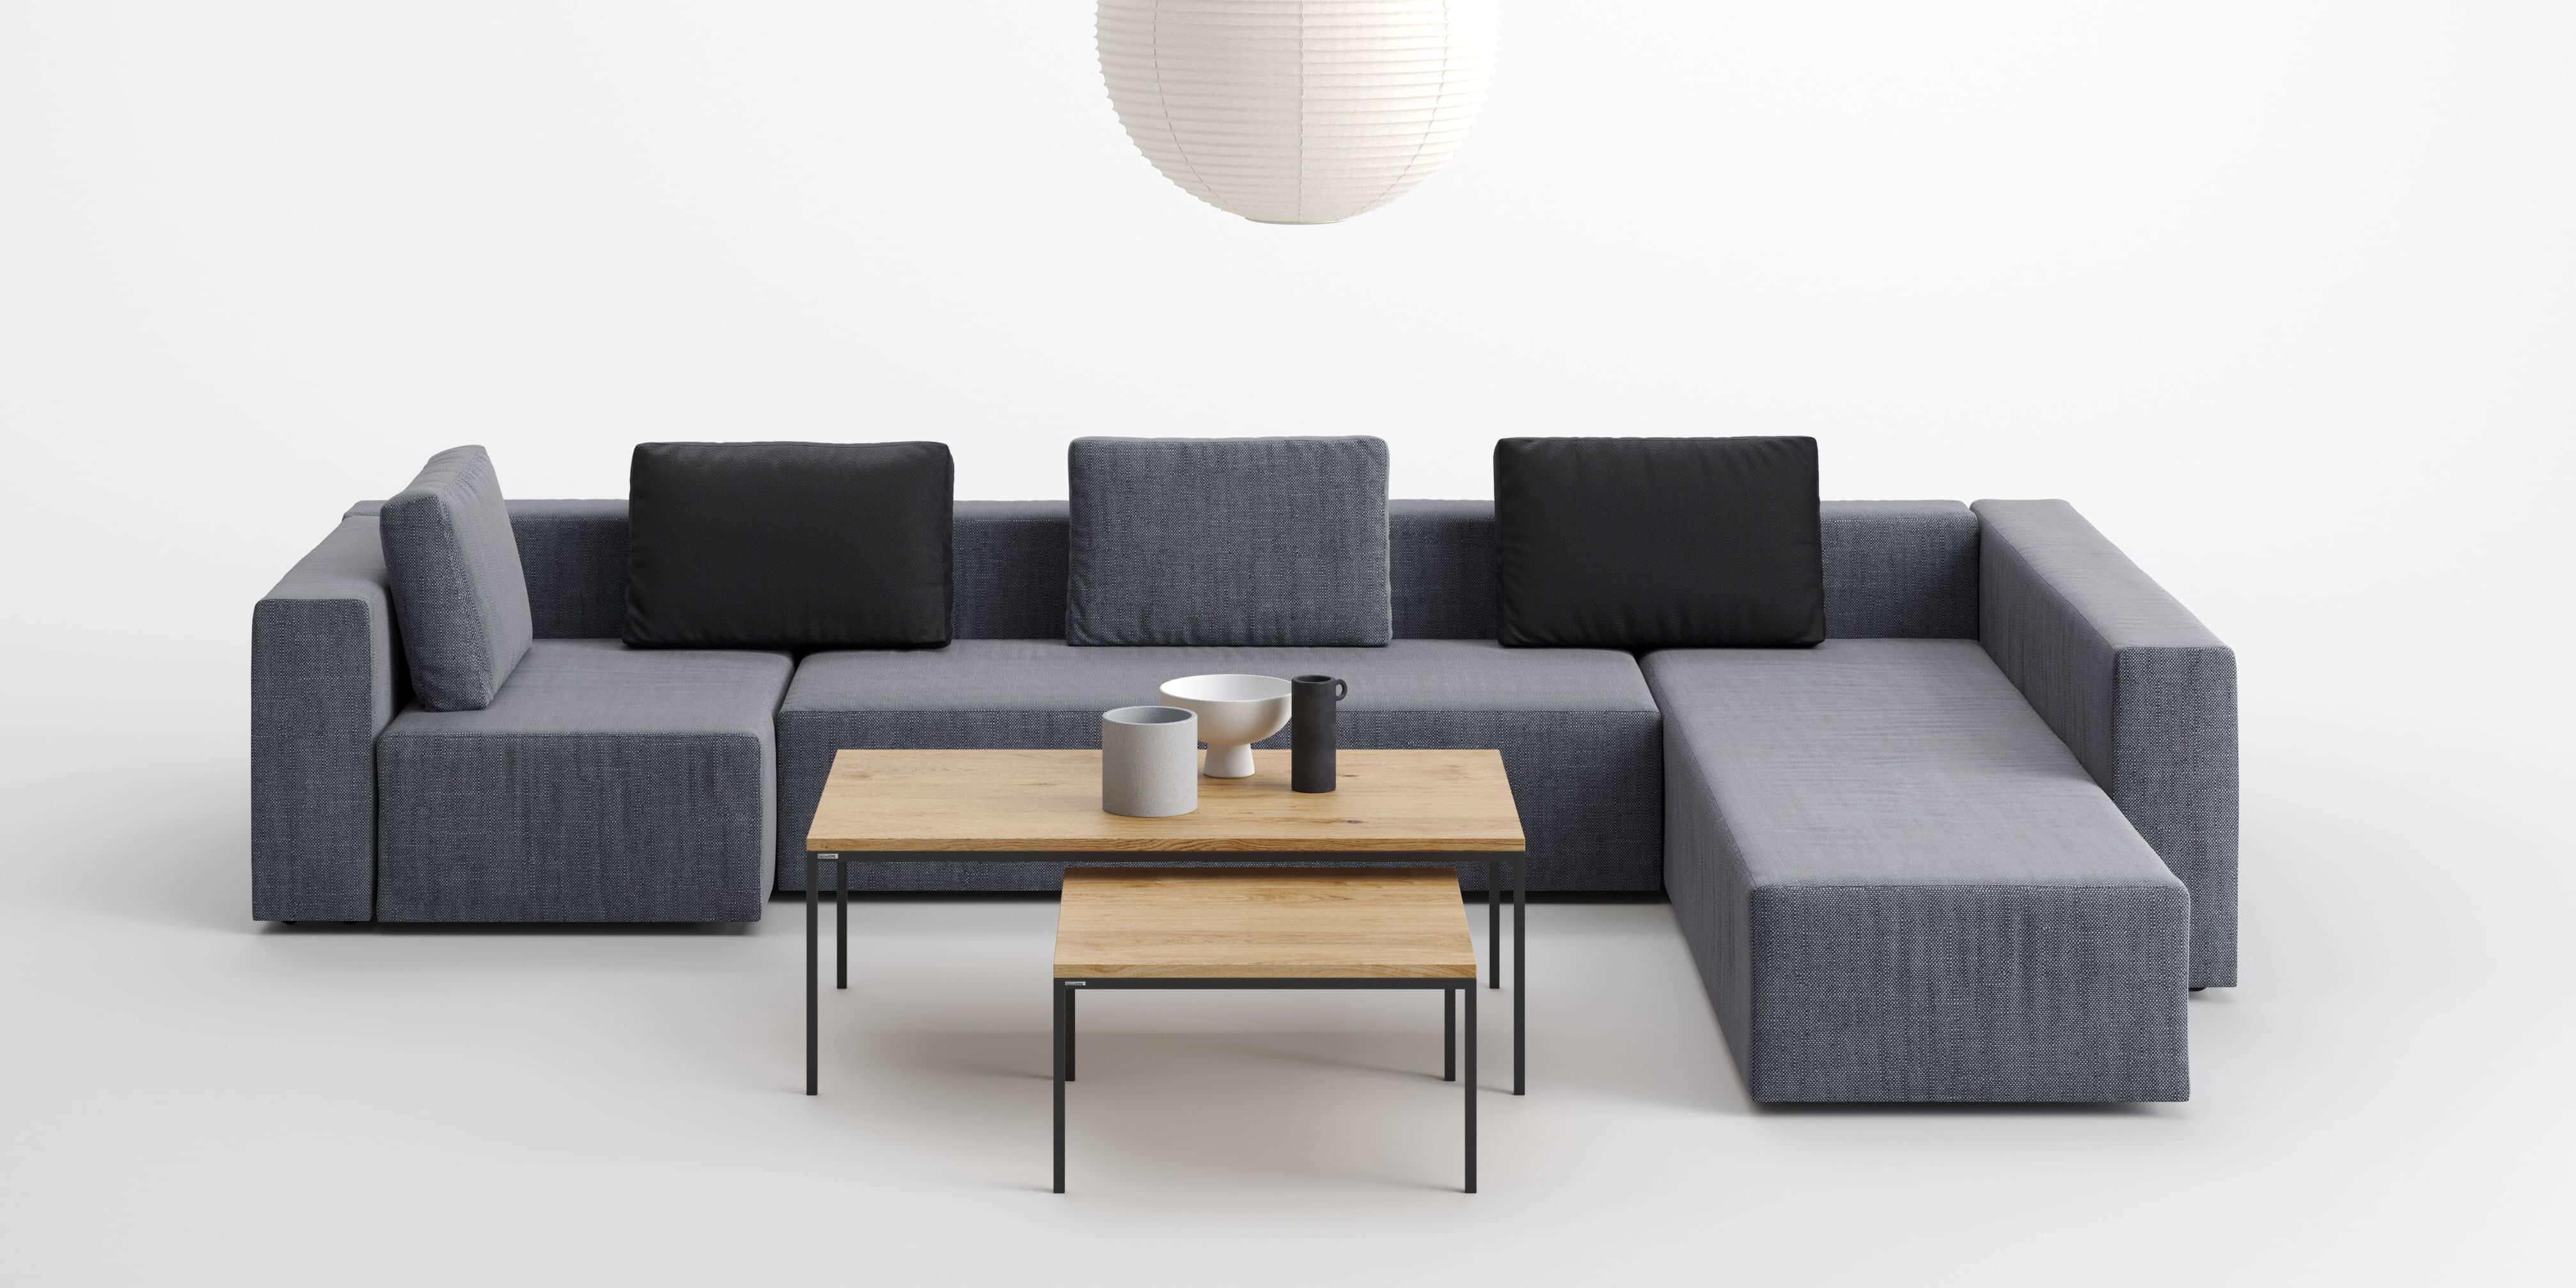 prostokatne minimalistyczne stoliki dab